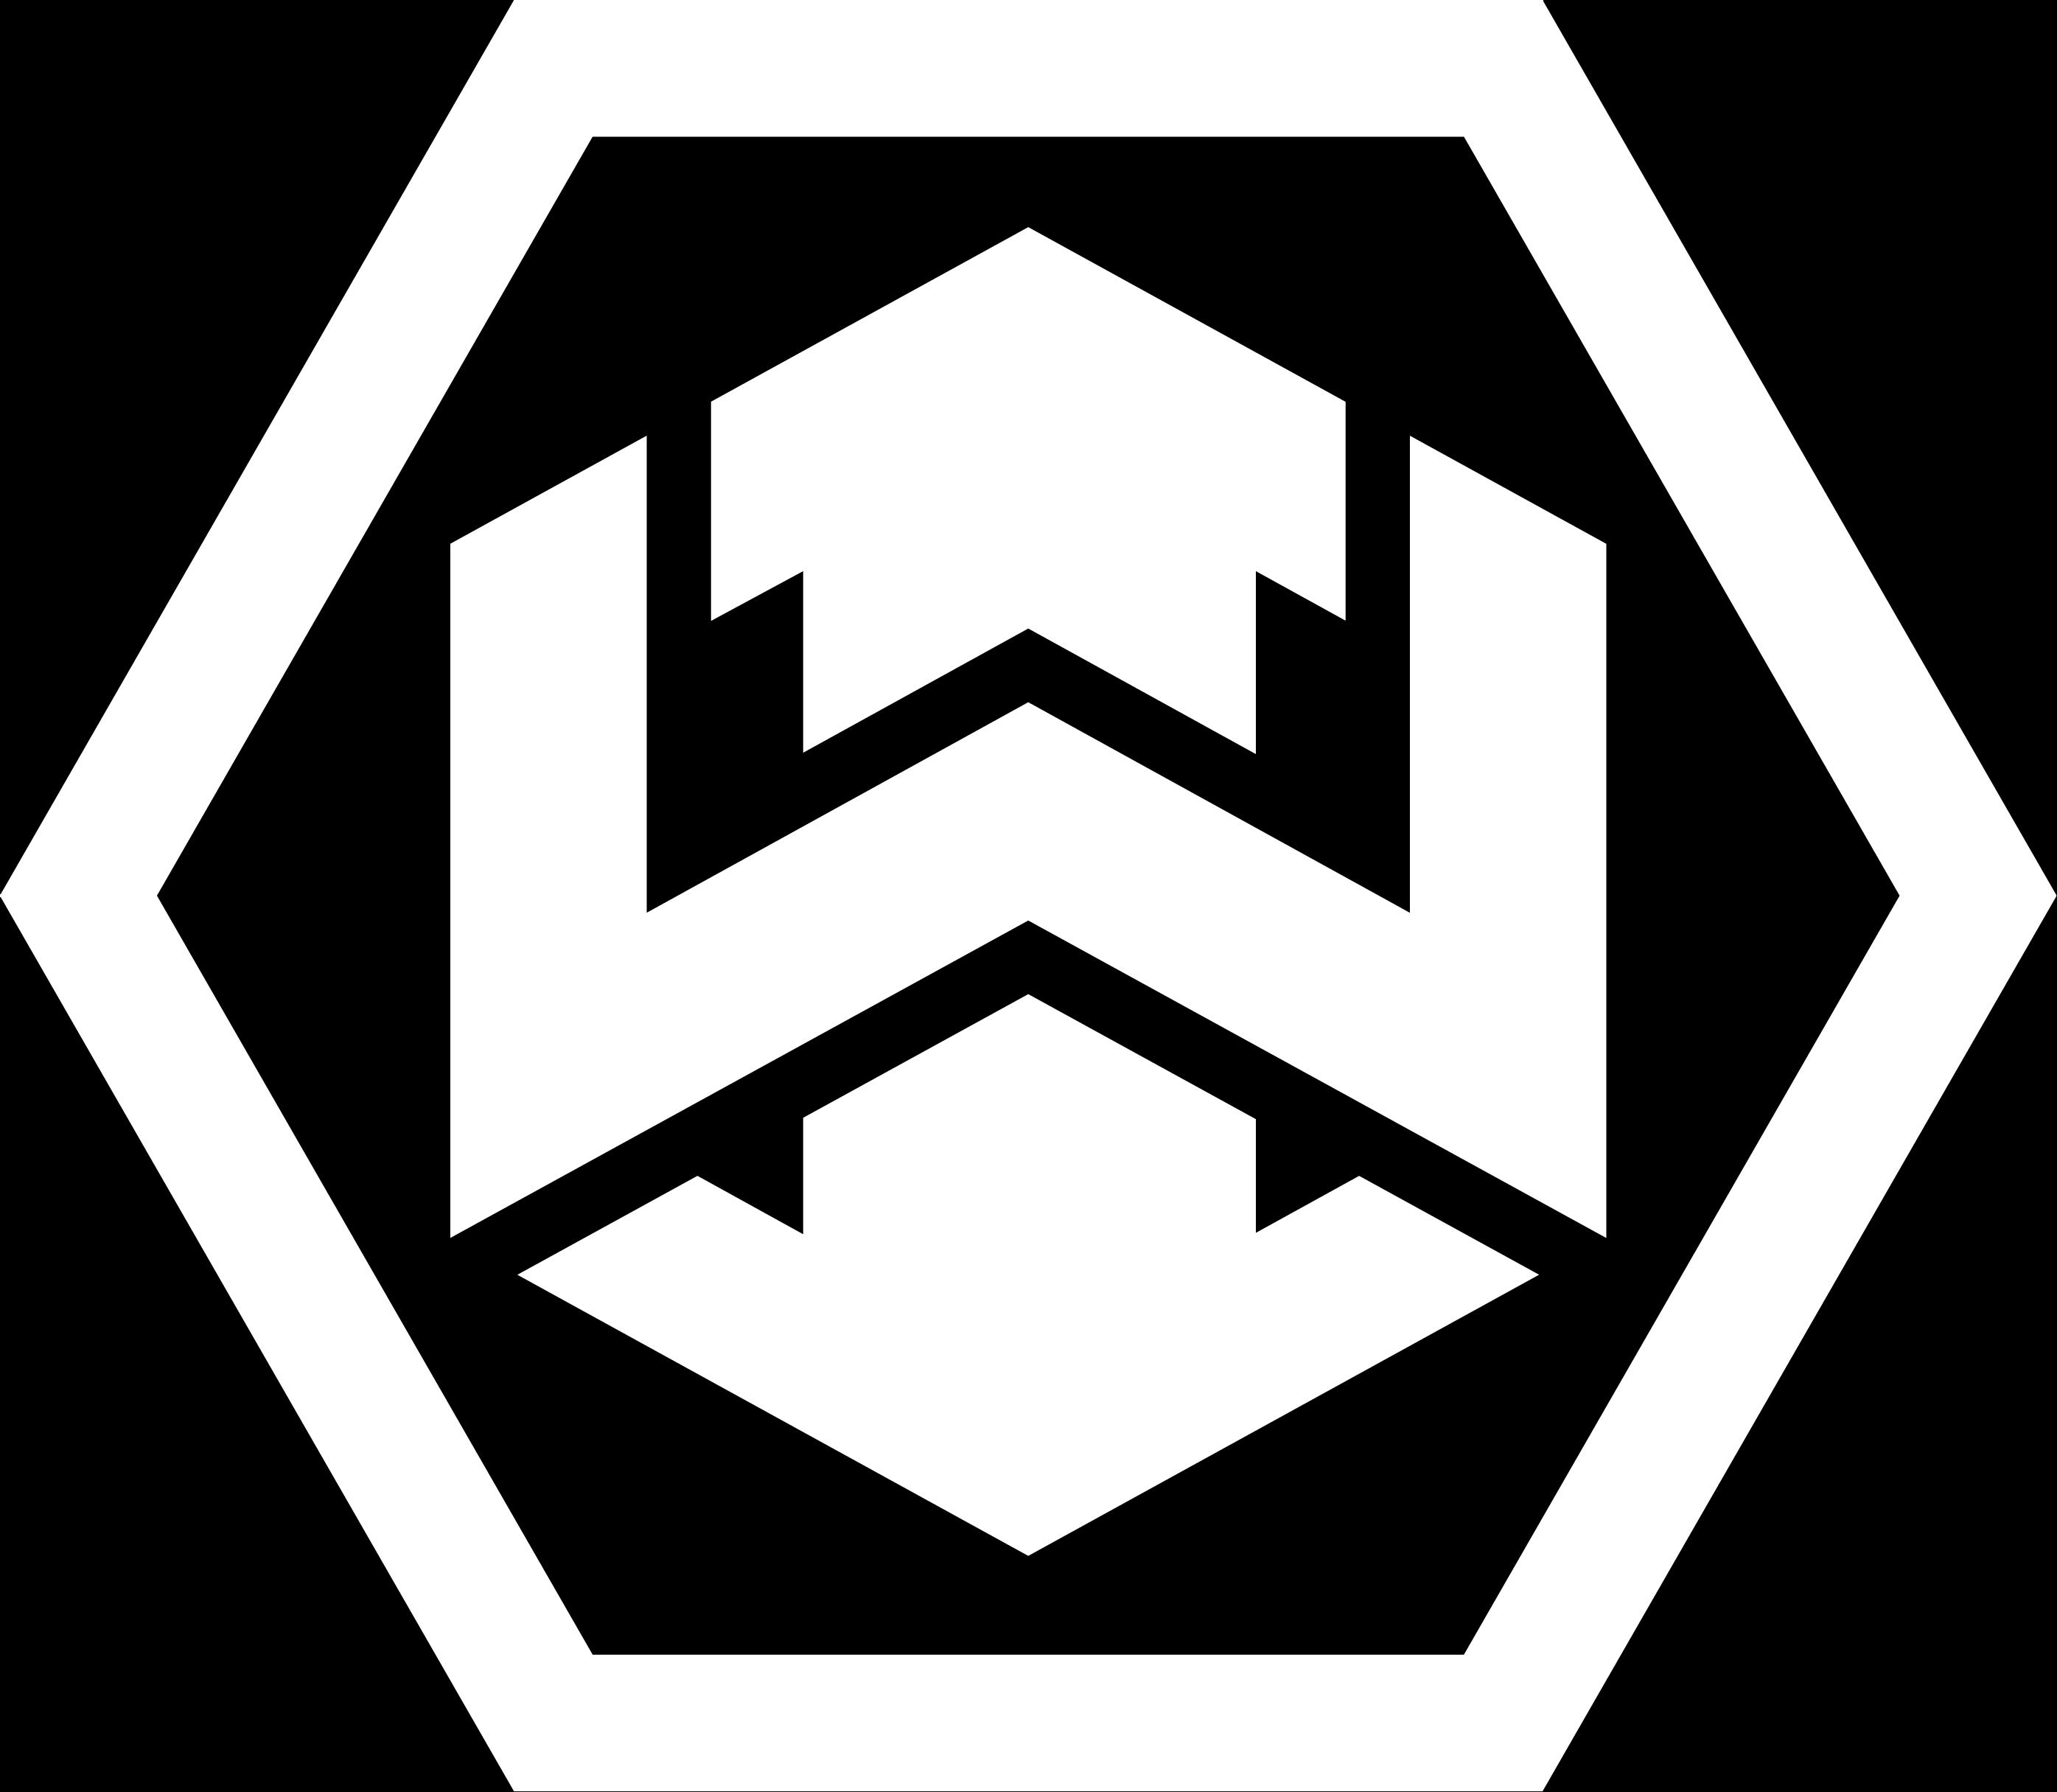 www.infowars.com